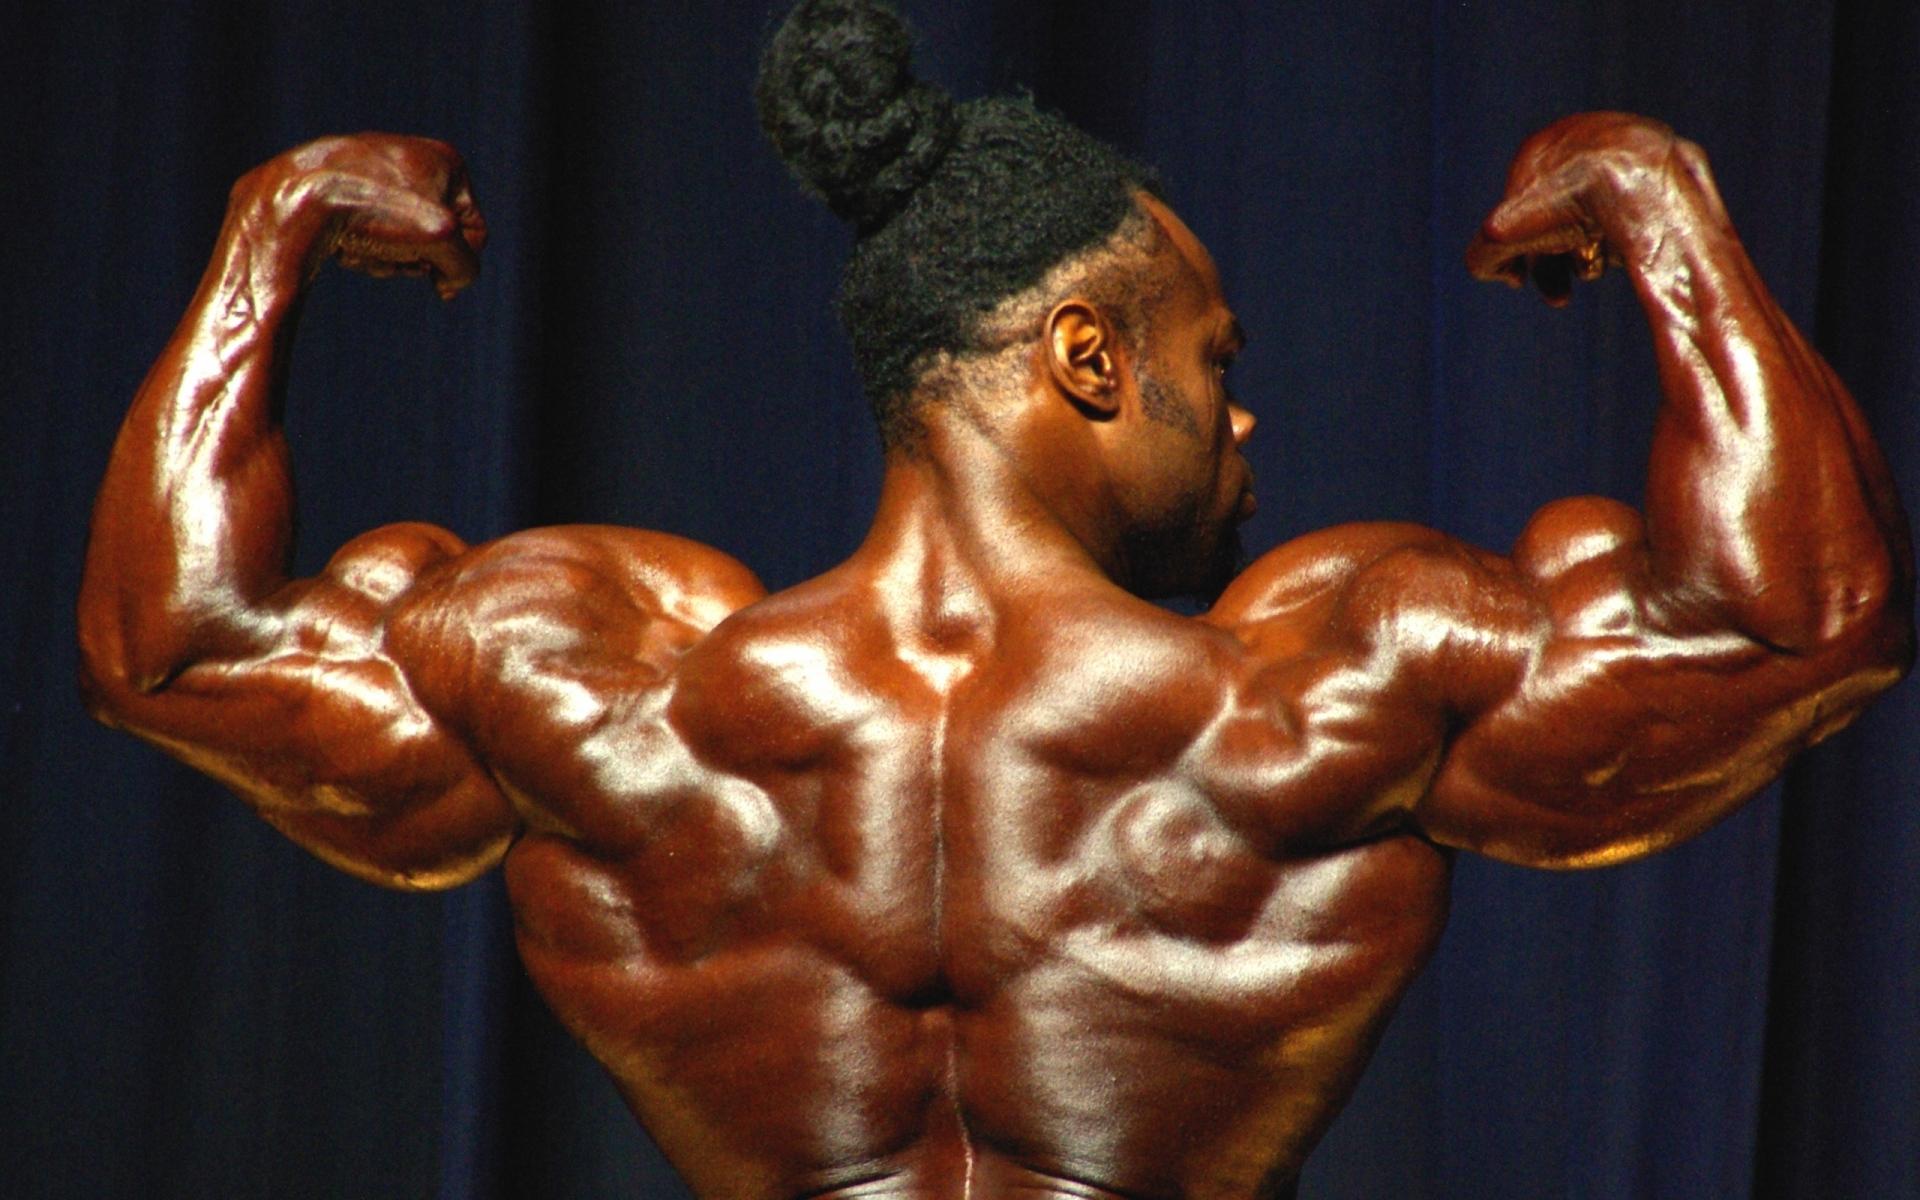 съемочной картинки большие мышцы жизнь твоя